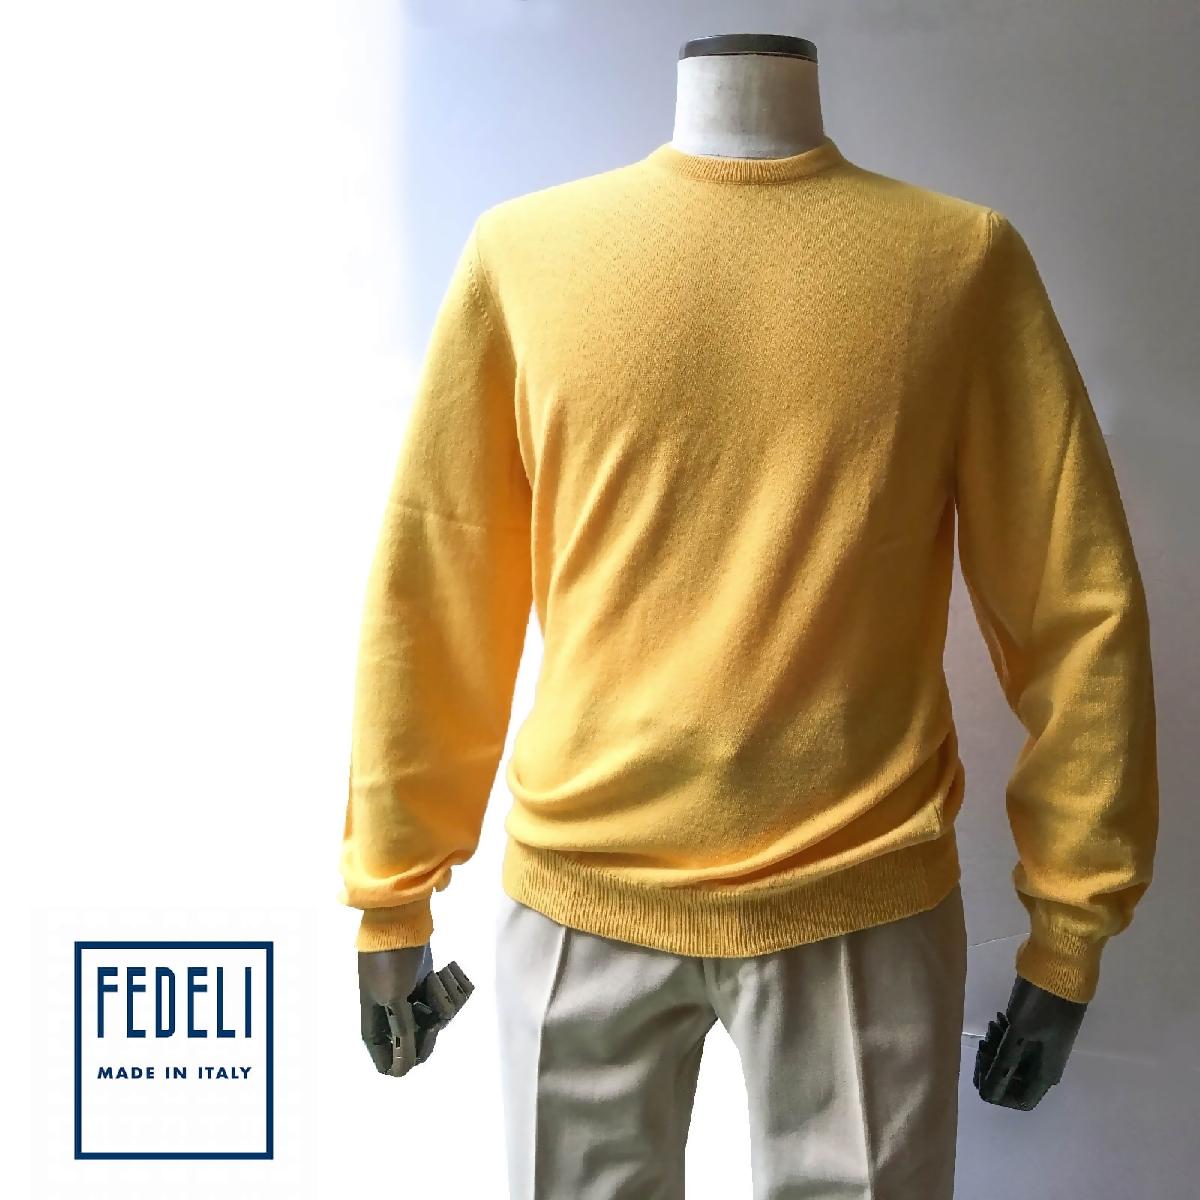 FEDELI (フェデーリ) カシミヤニットセーター イエロー メンズ ブランド クルーネック 長袖 大きいサイズ 無地